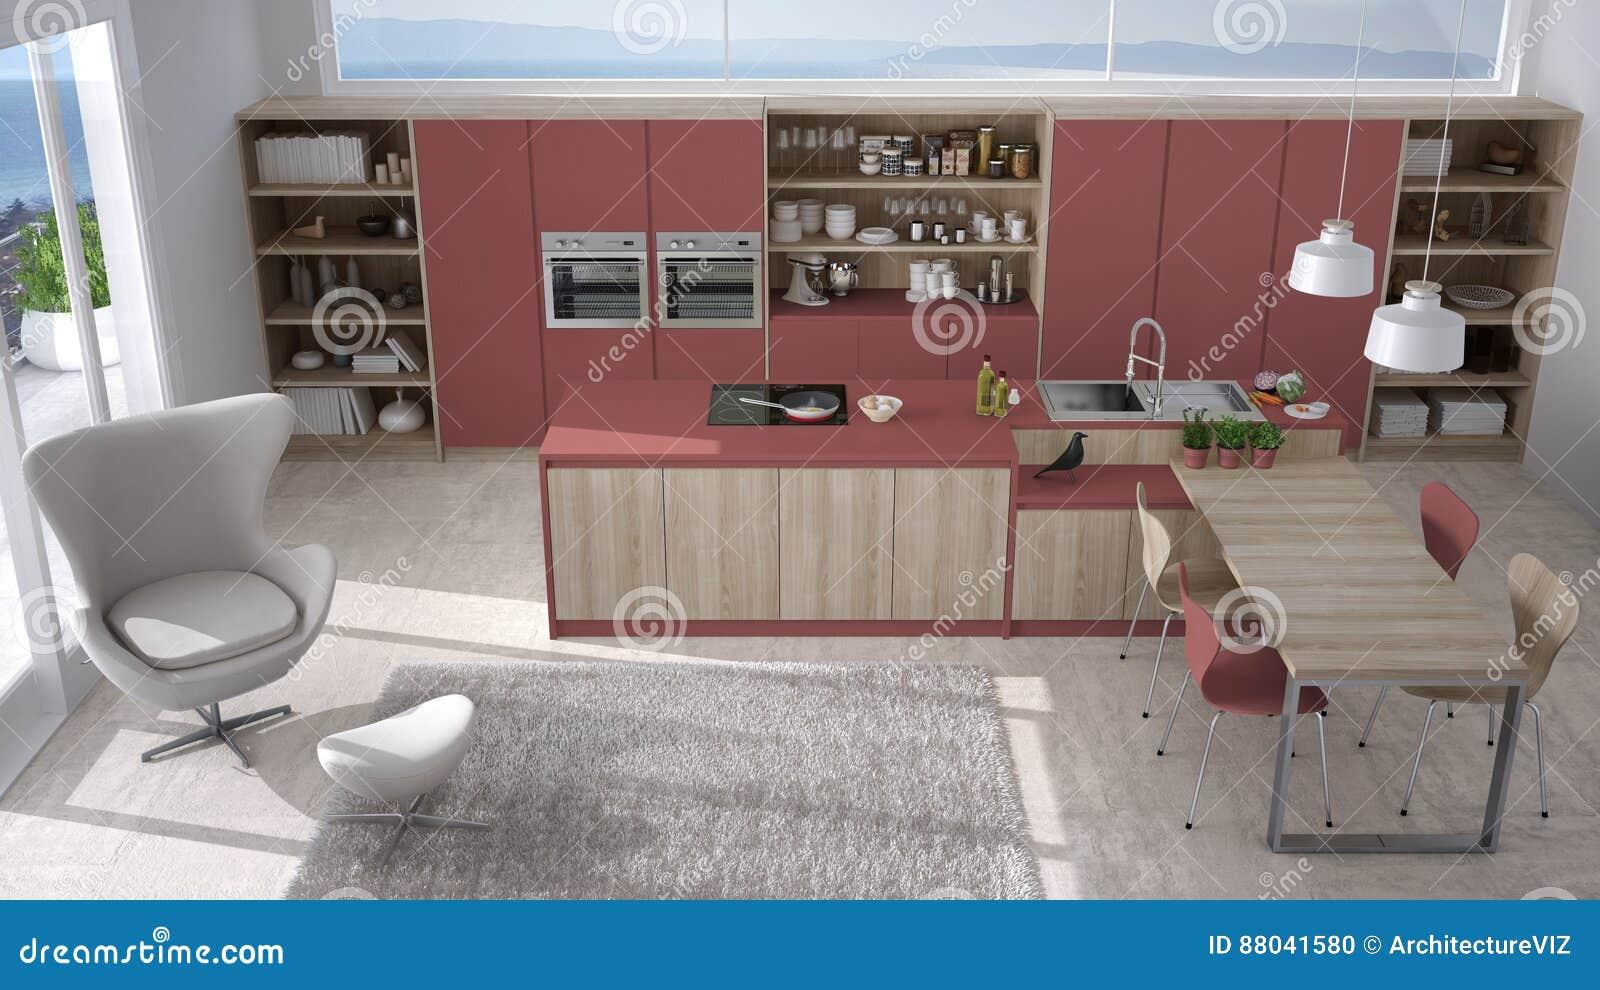 https://thumbs.dreamstime.com/z/cucina-bianca-e-rossa-moderna-con-i-dettagli-di-legno-grande-spirito-della-finestra-88041580.jpg